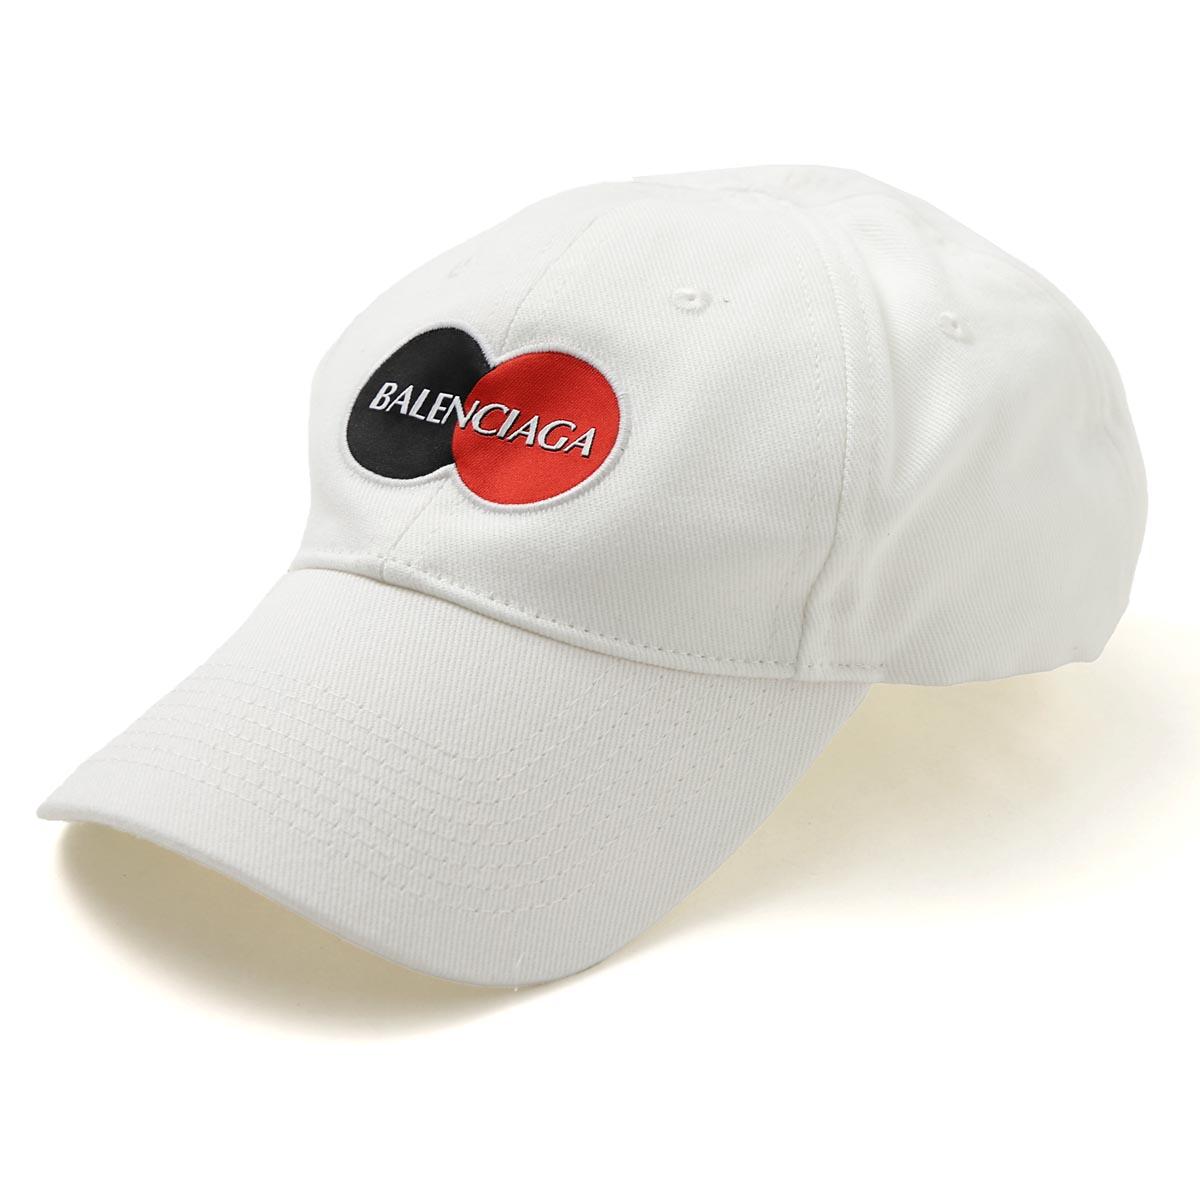 バレンシアガ BALENCIAGA ベースボールキャップ ホワイト メンズ 617138 410b2 9000 UNIFORM CAP【あす楽対応_関東】【返品送料無料】【ラッピング無料】